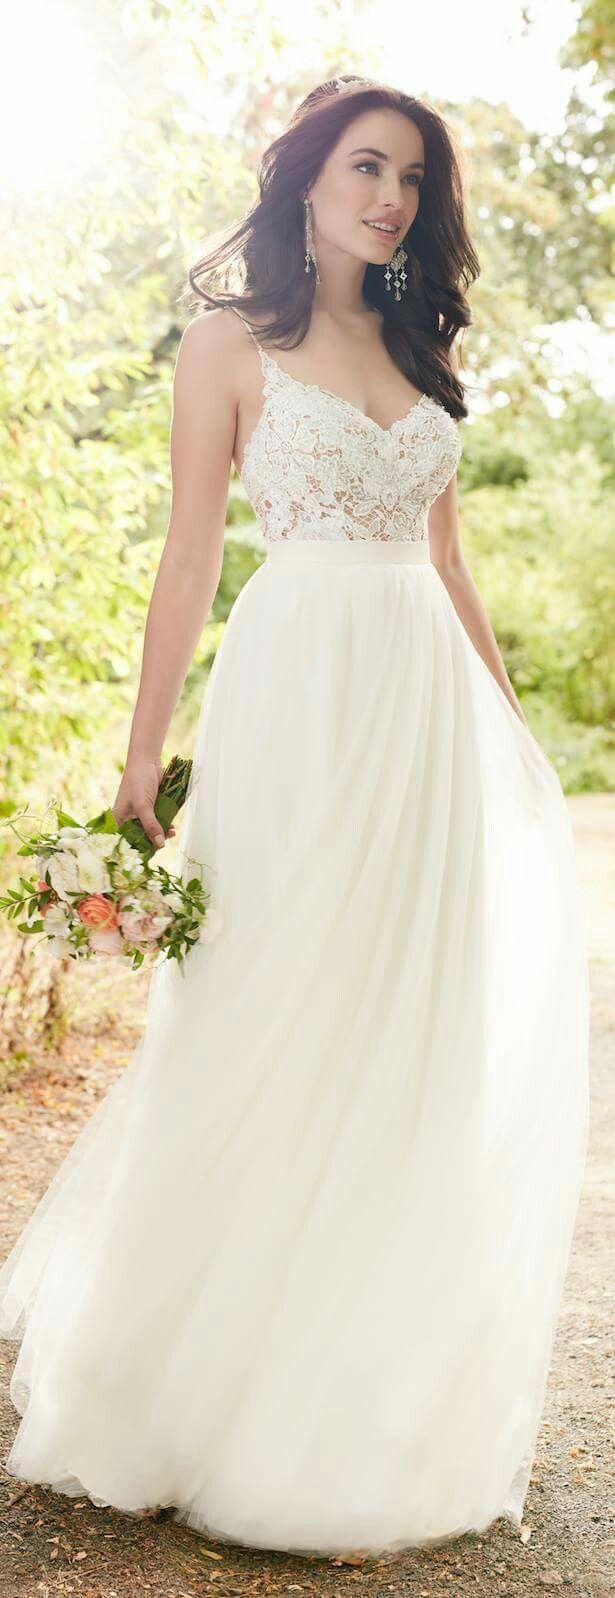 Corset Organza Wedding Dress By Camille La Vie | Wedding | Pinterest ...